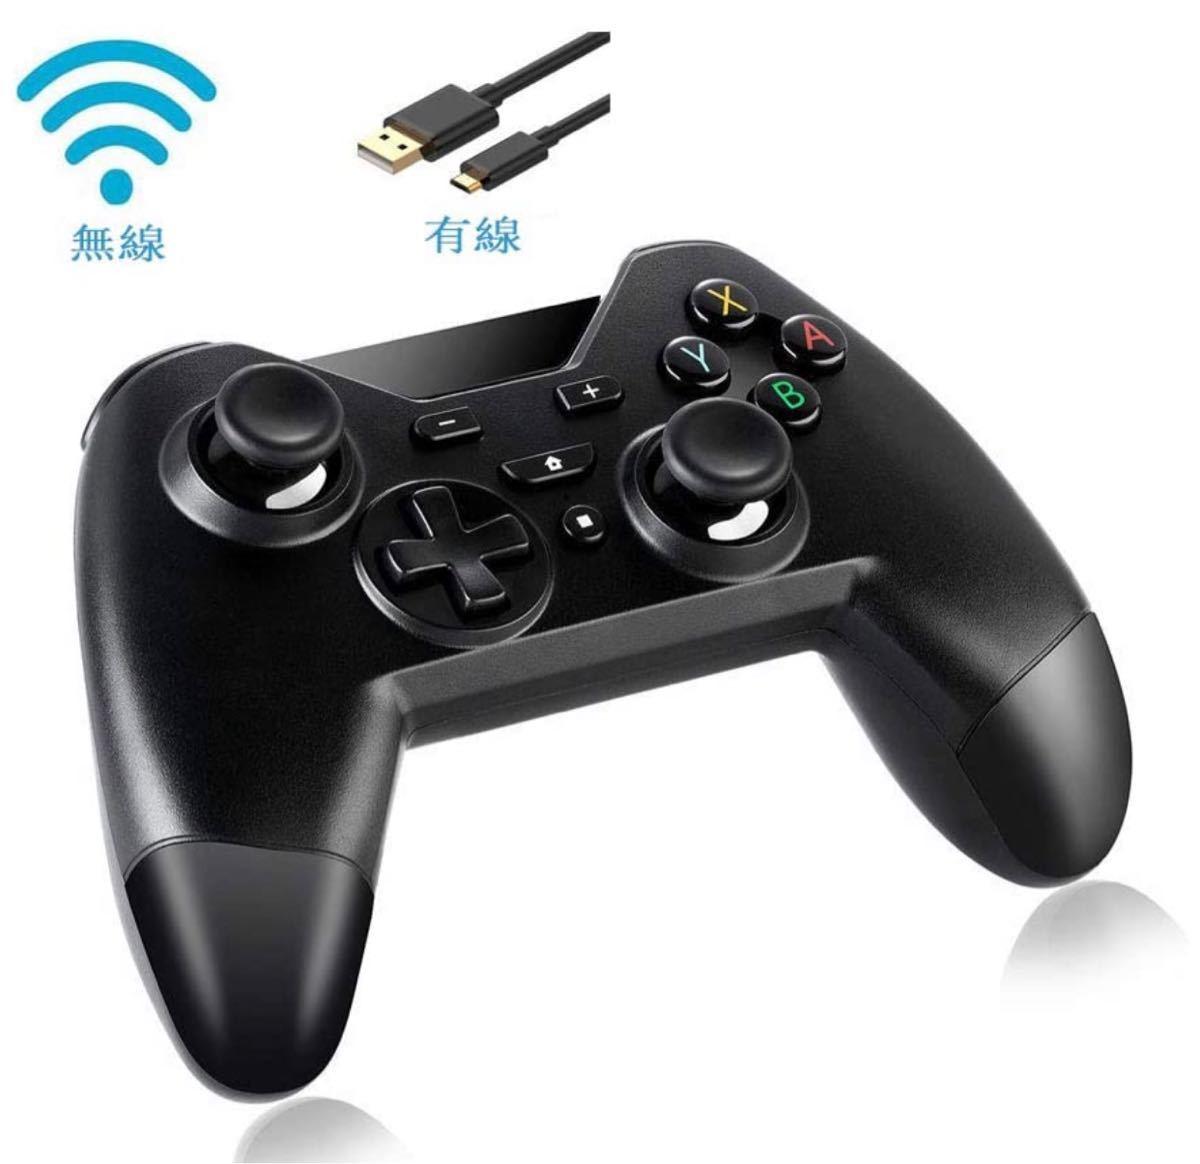 スイッチ ワイヤレス コントローラー Bluetooth 無線 HD振動